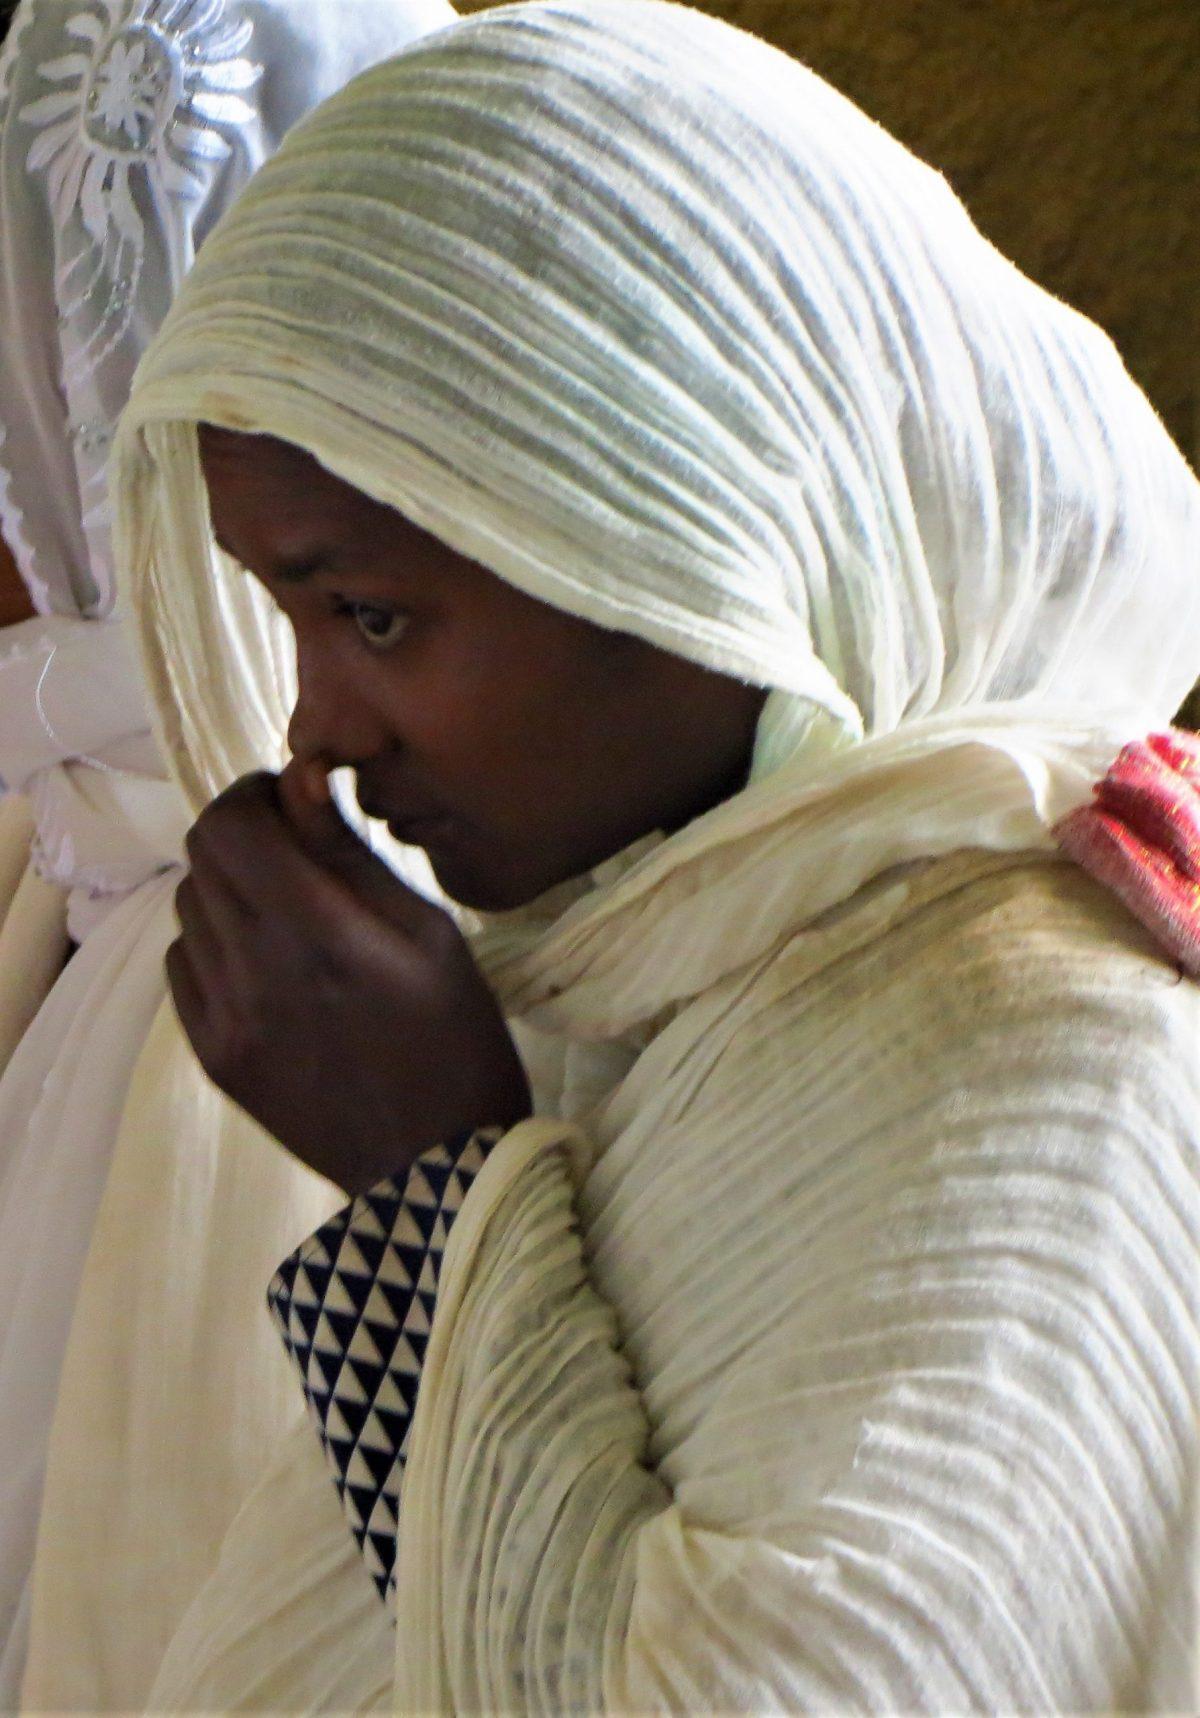 De sobrevivir al parto a vivirlo africa alegria gambo alegria sin fronteras etiopia